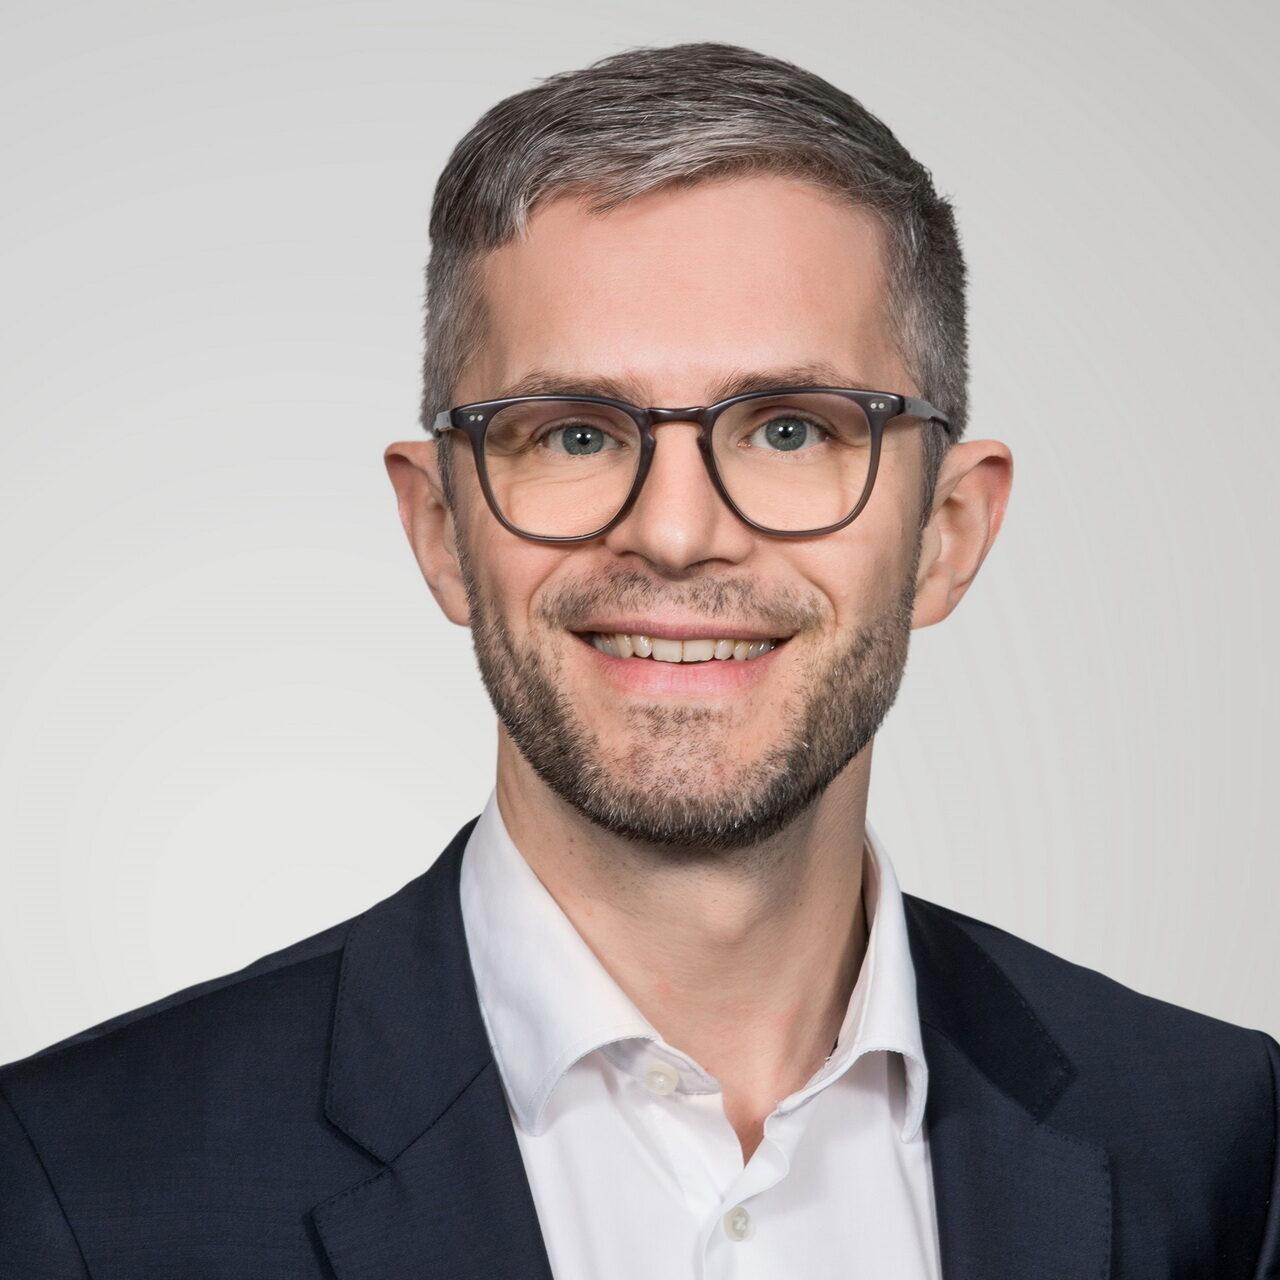 Neue Führungsmannschaft bei Börse Stuttgart